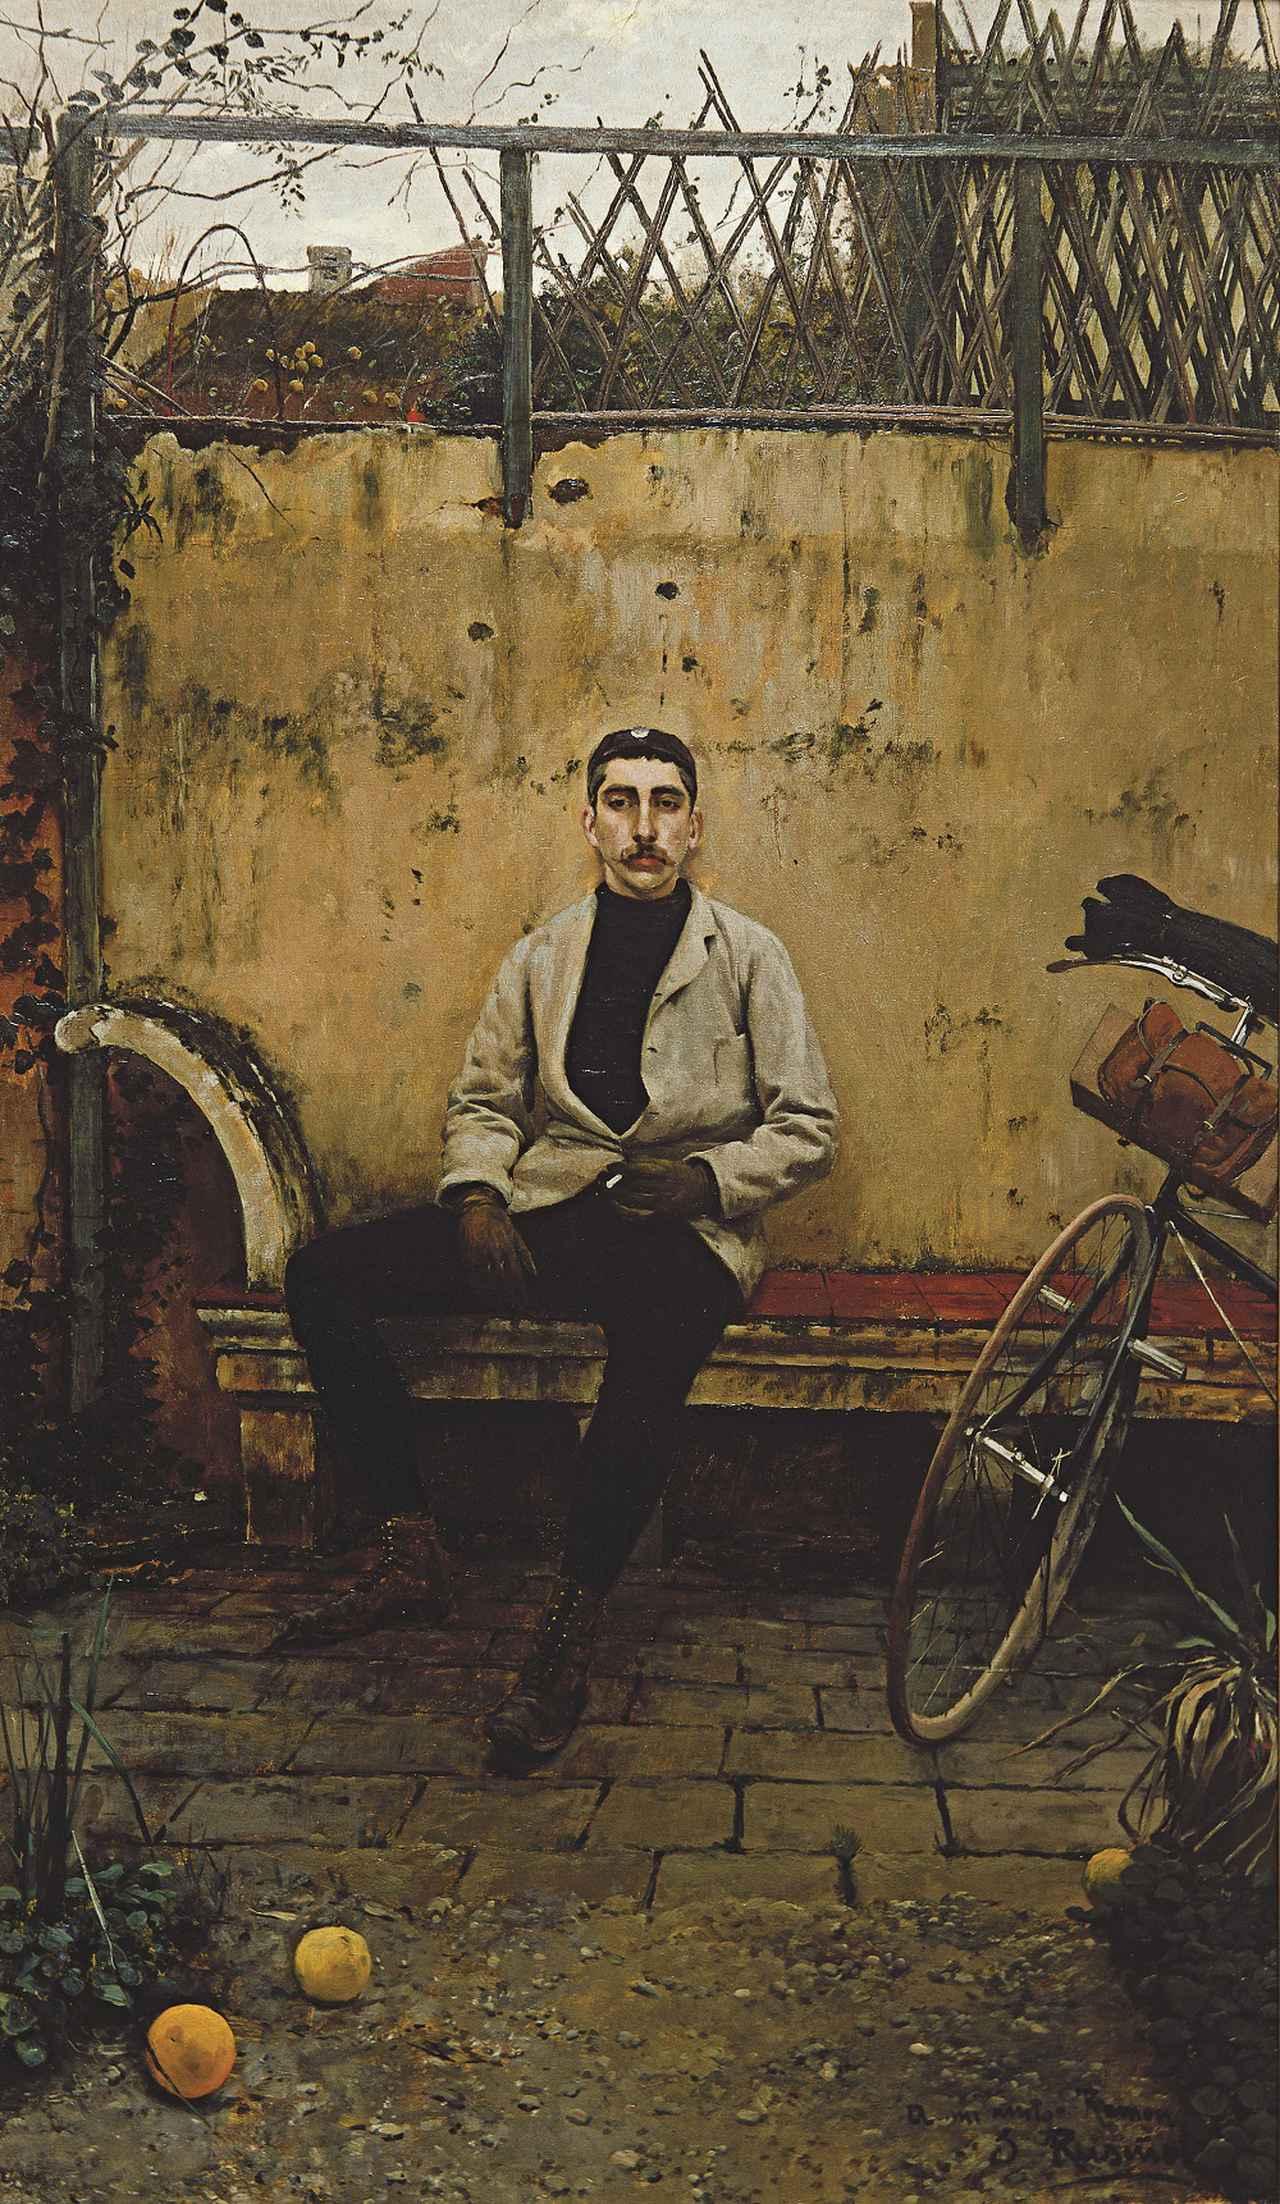 画像: サンティアゴ・ルシニョル《自転車乗りラモン・カザス》1889年、サバデイ銀行 ©Banco Sabadell Collection